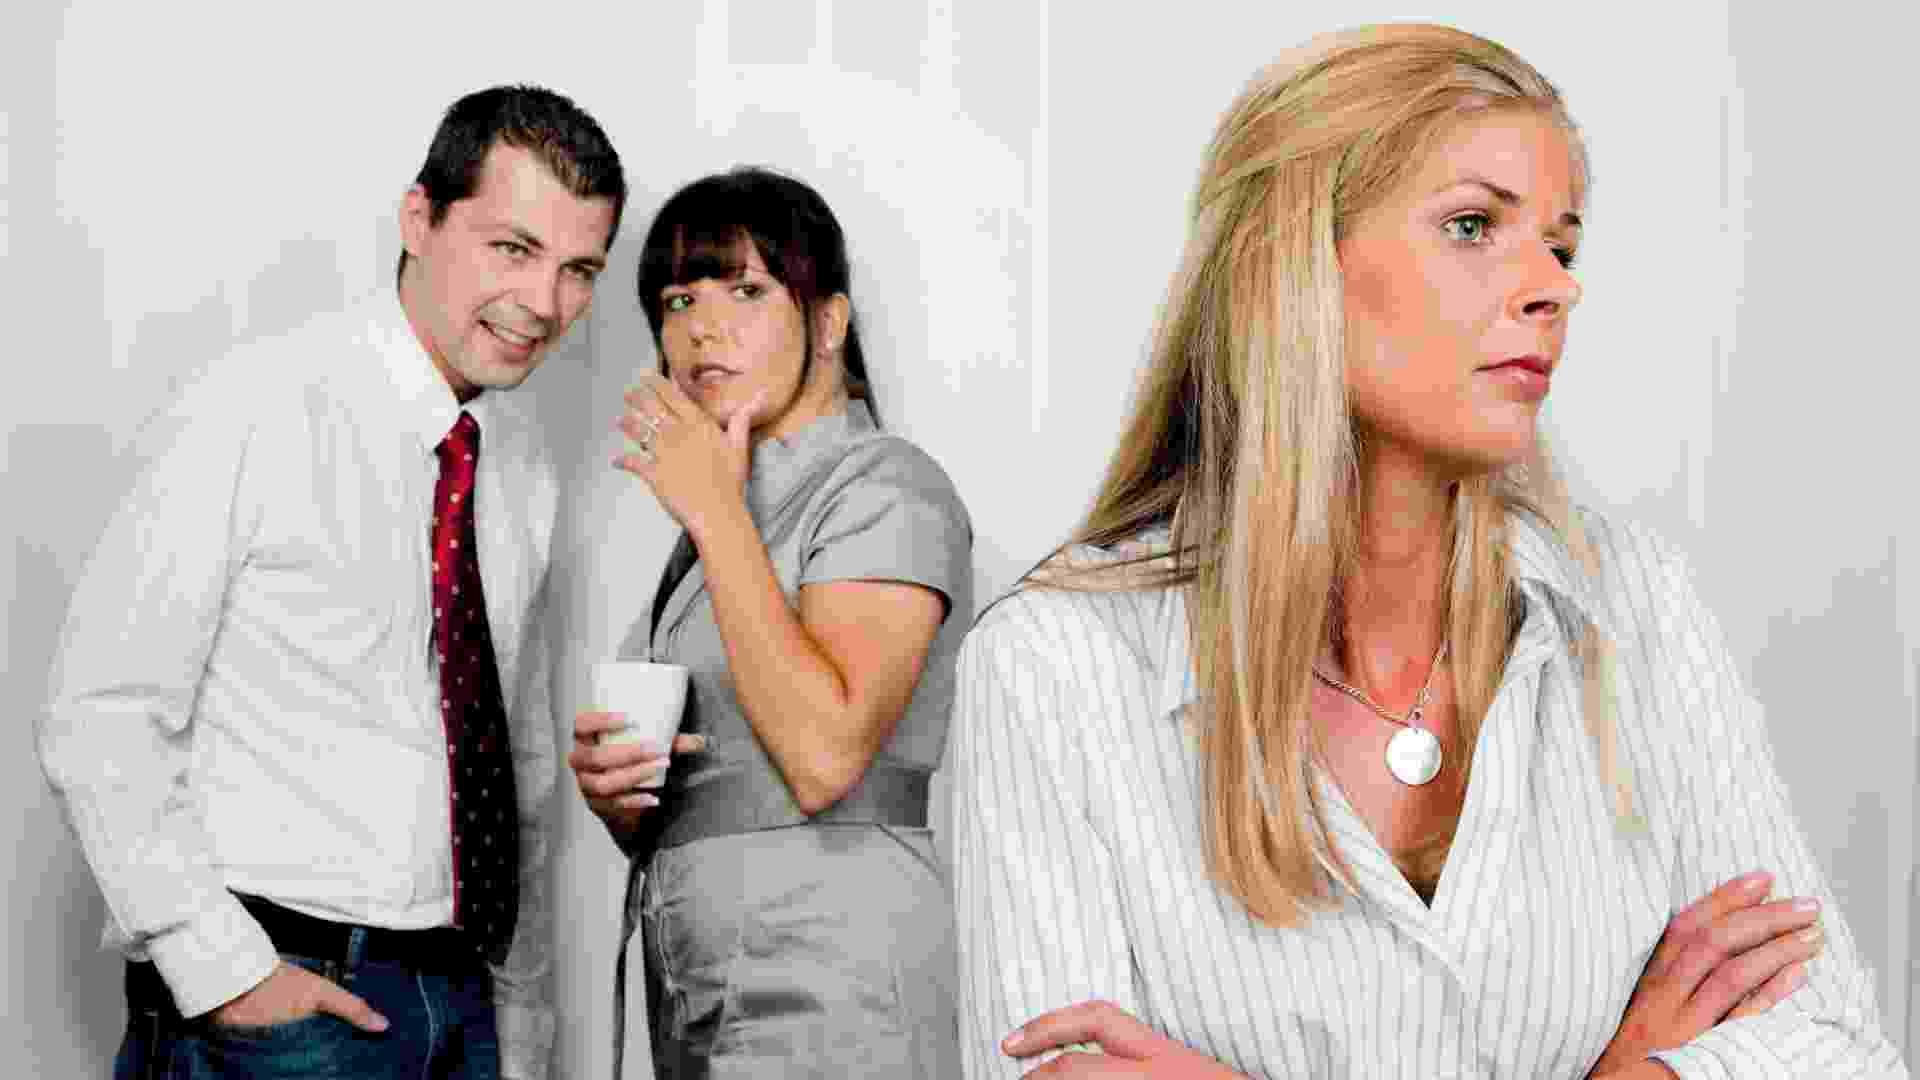 Crítica, fofoca, assédio moral, bullying, colega de trabalho - Thinkstock